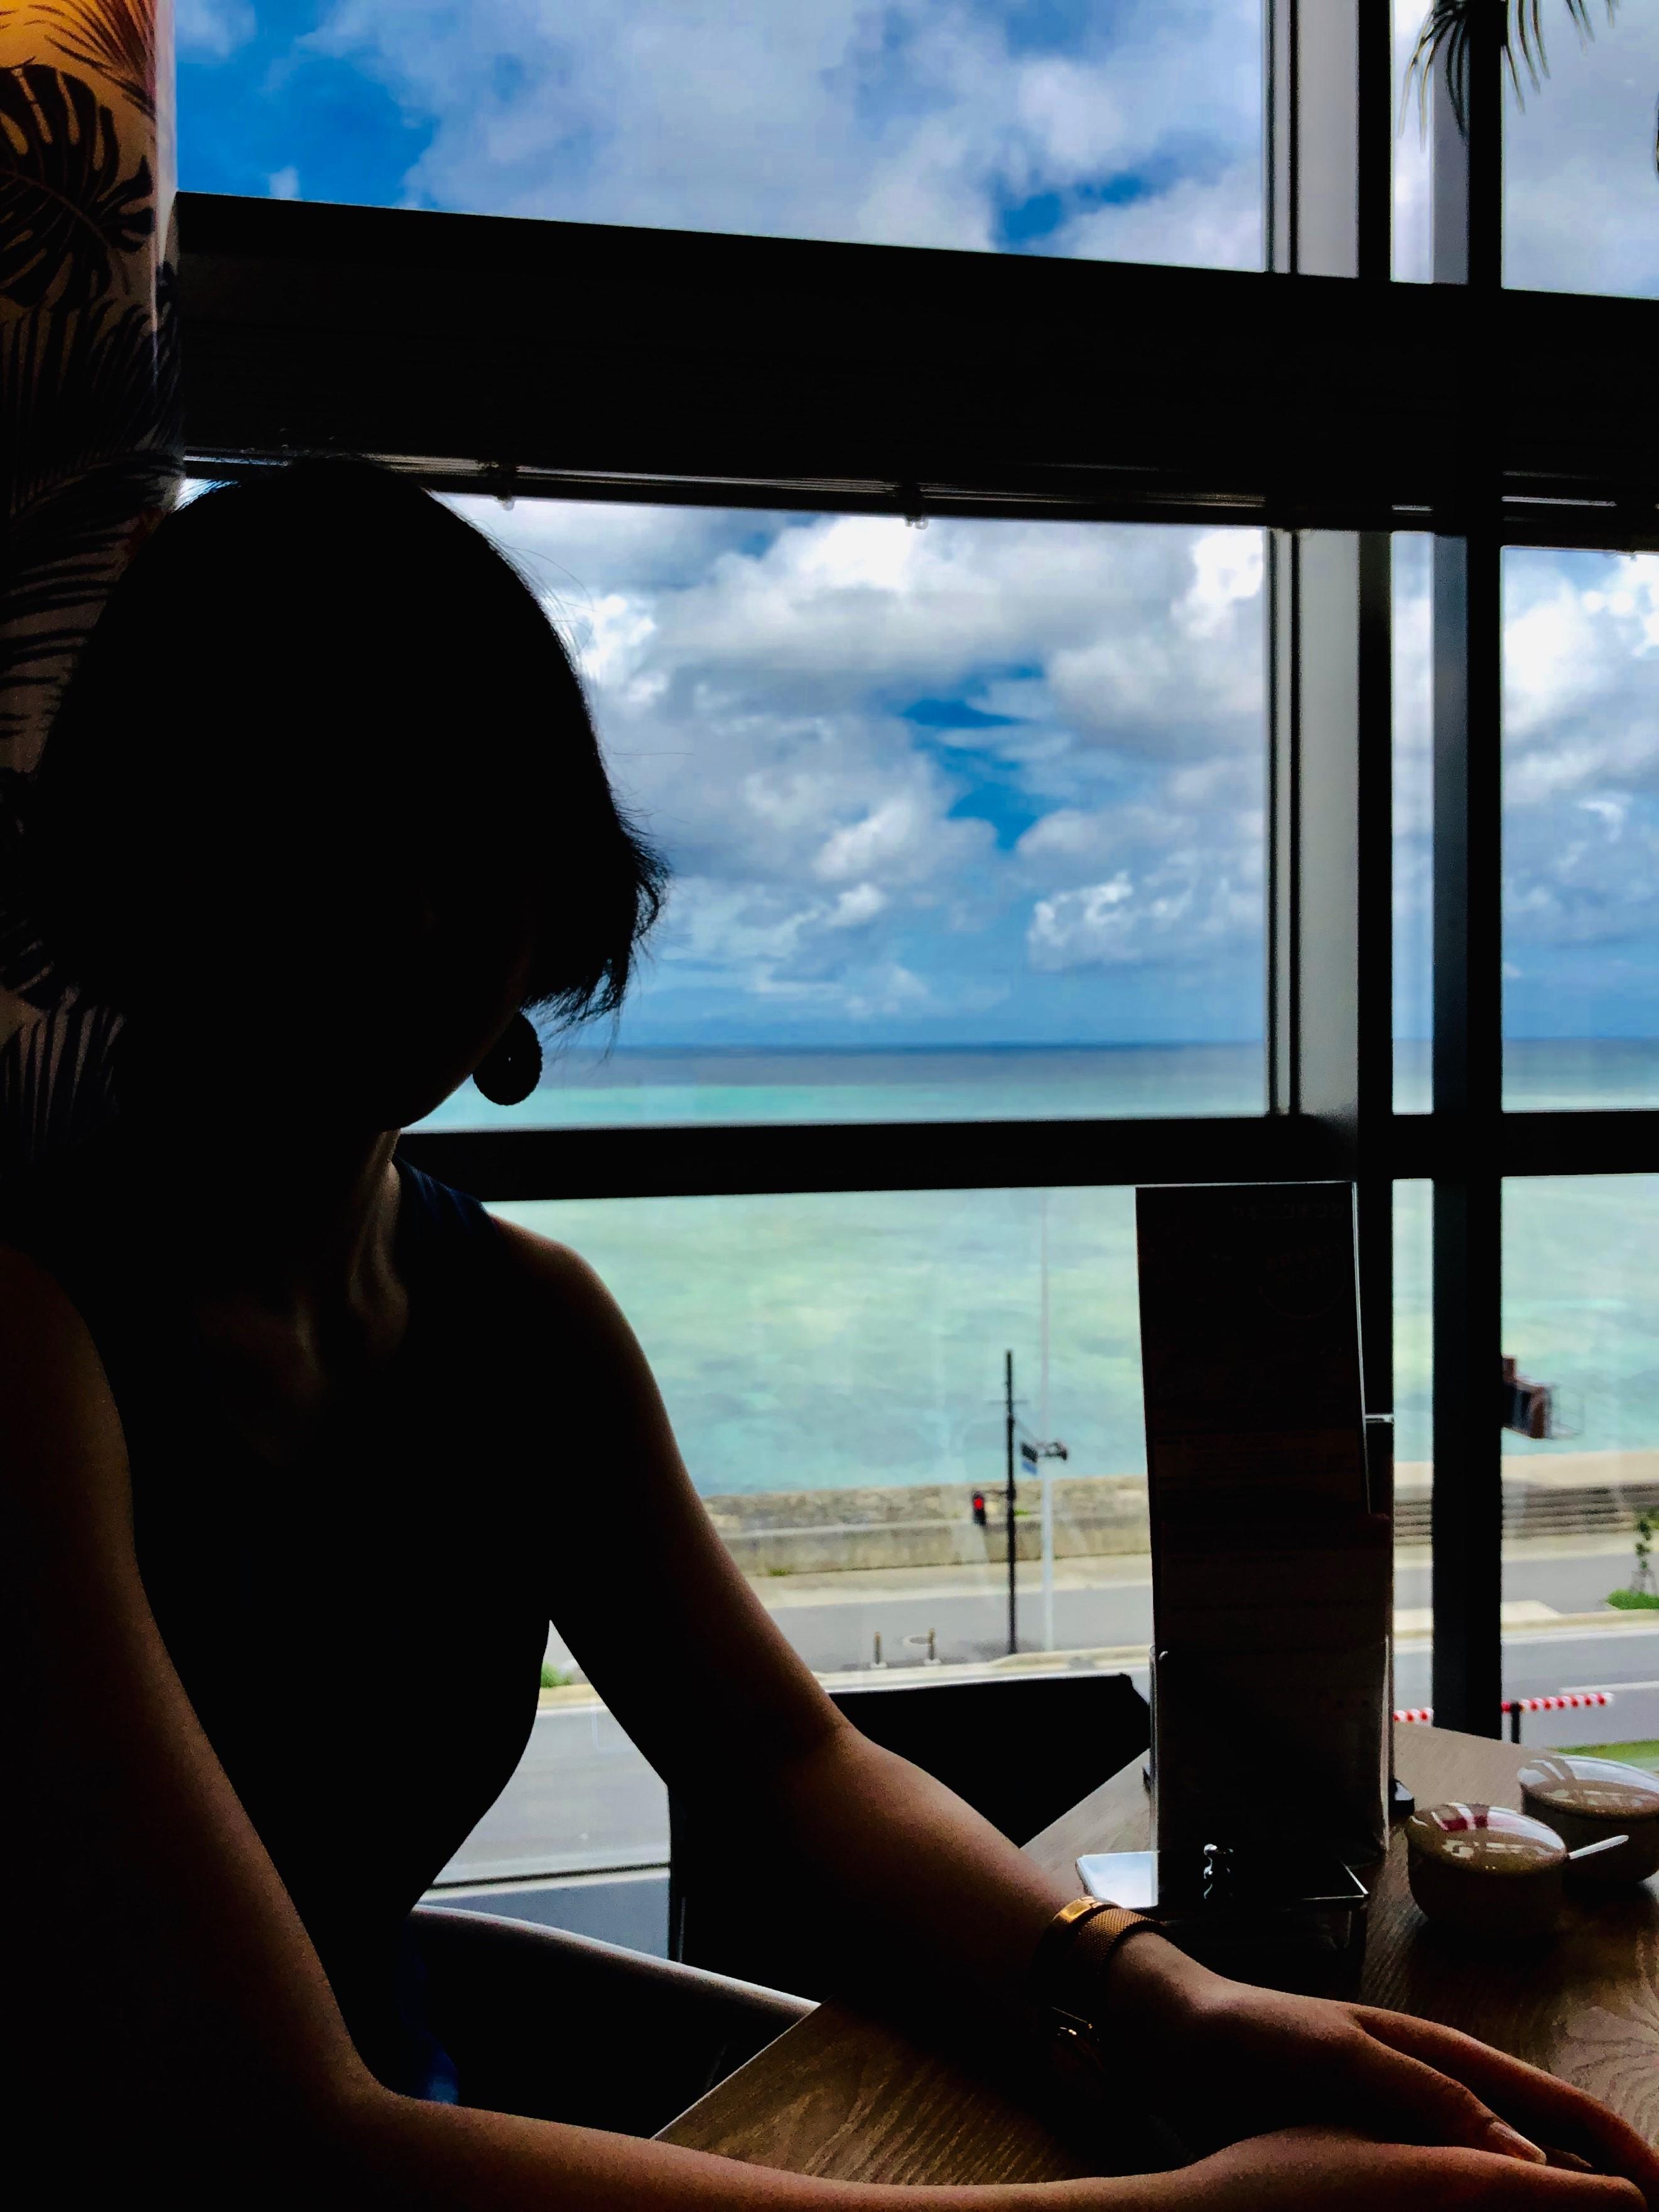 逆光の中窓から珊瑚礁をみる